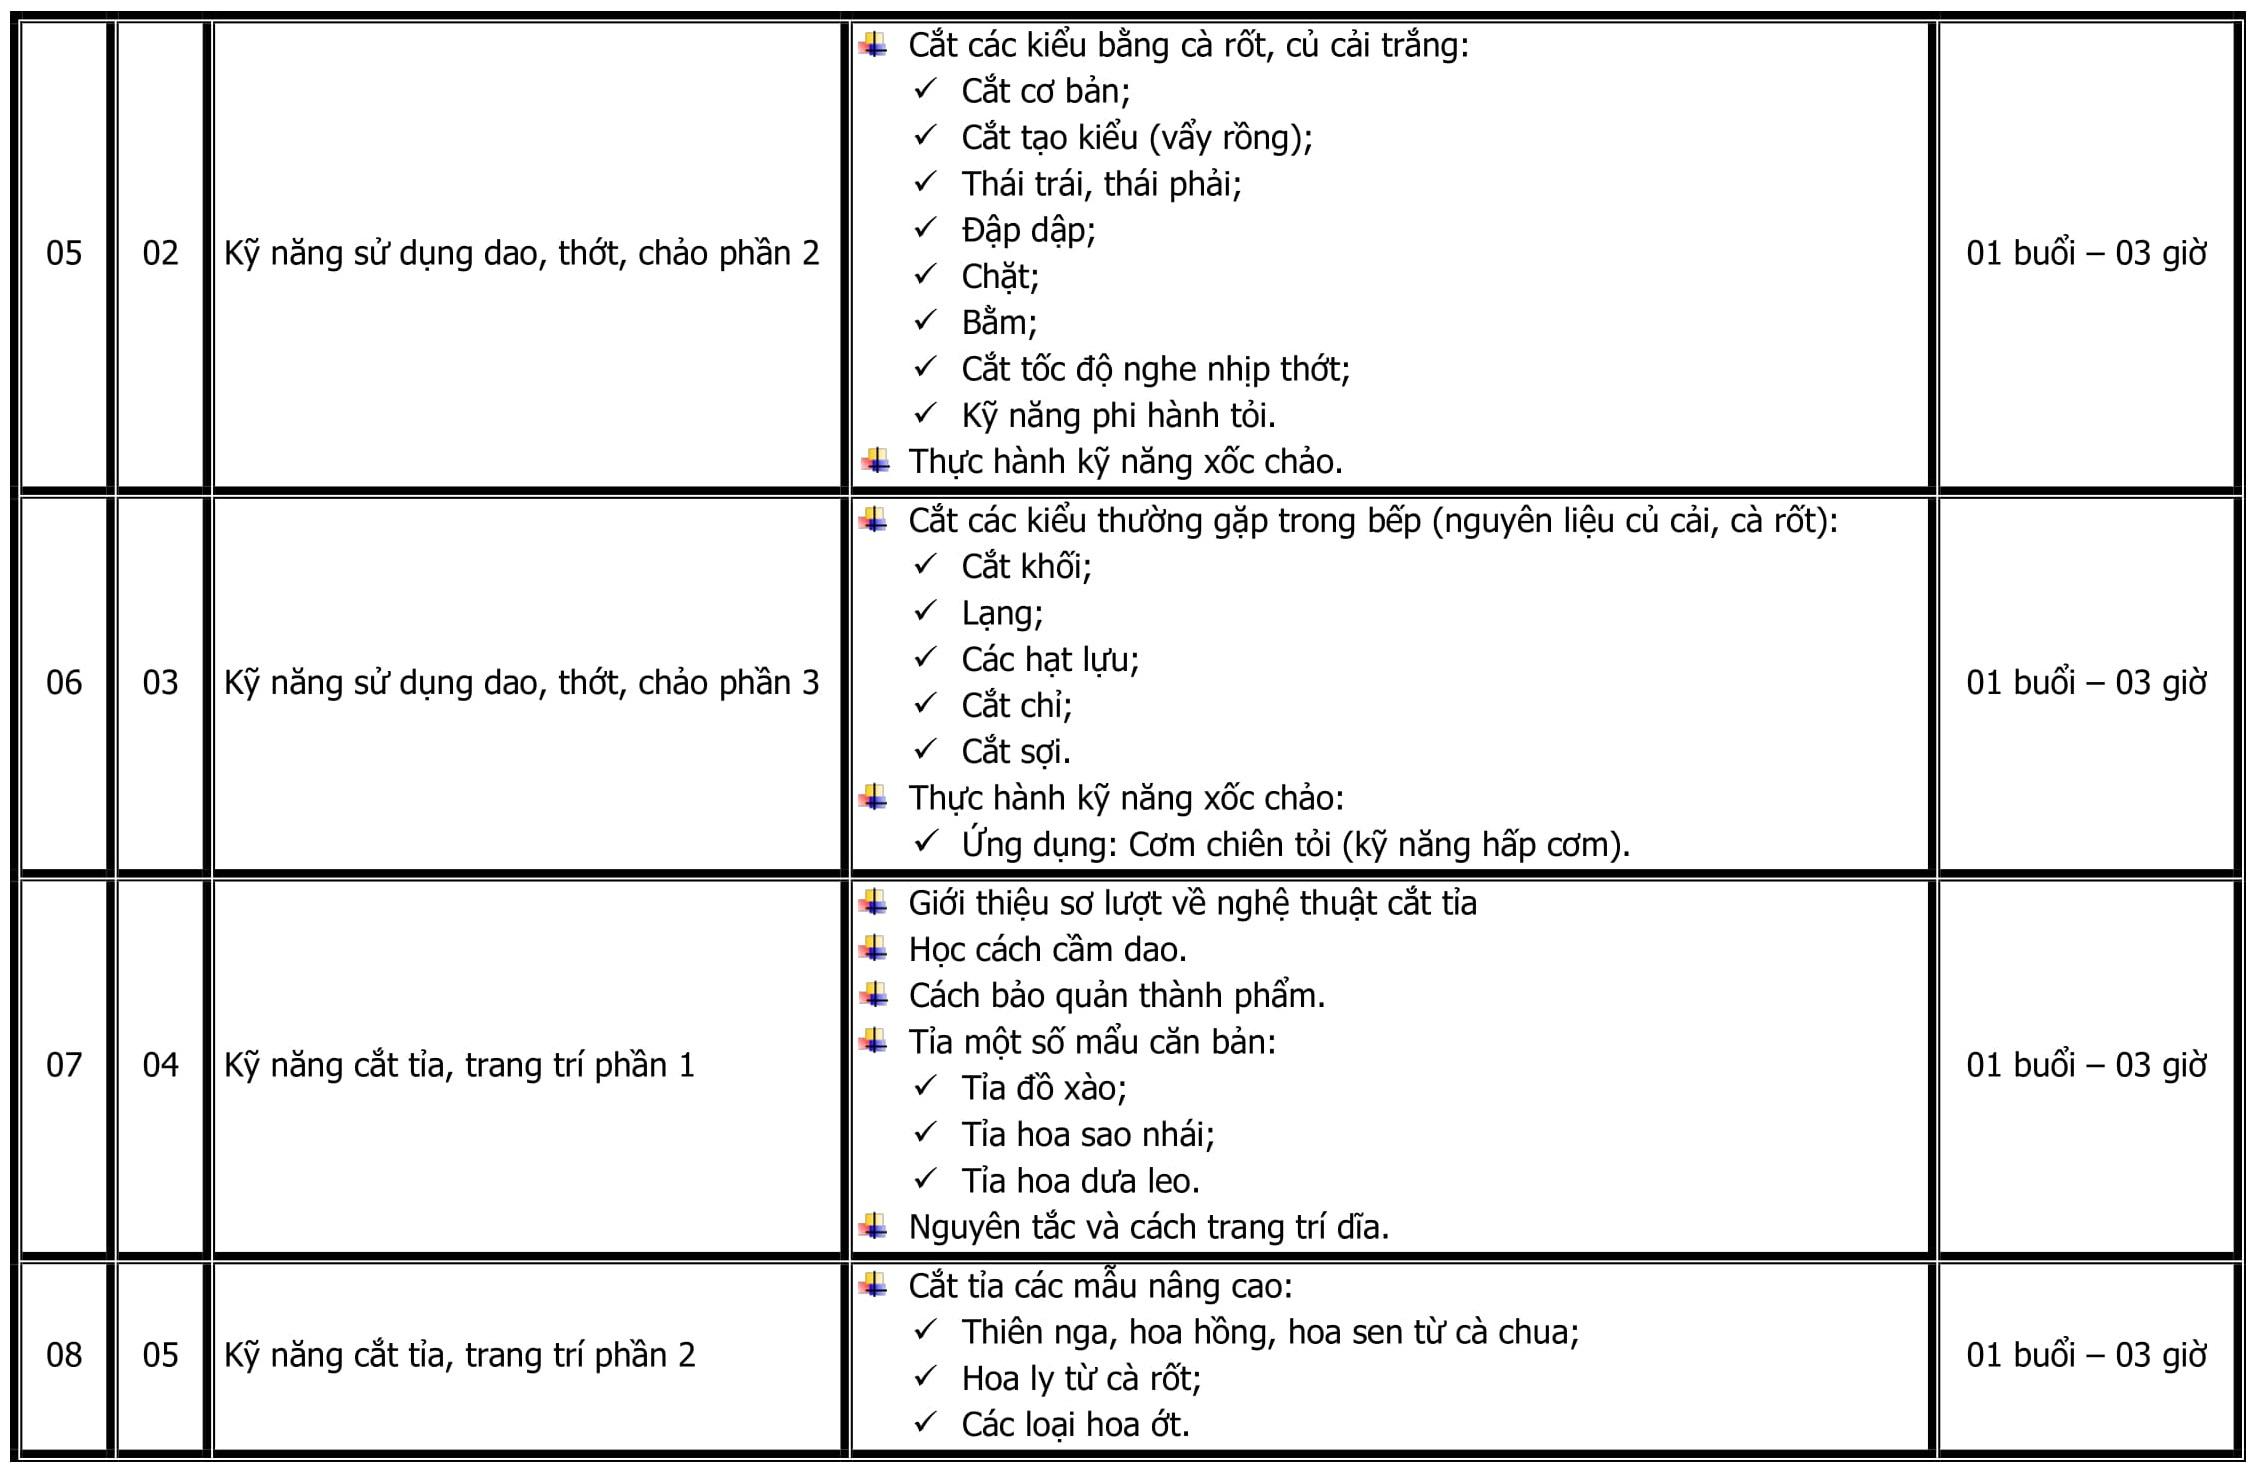 CT DAO TAO BEP CHAY CAN BAN-2